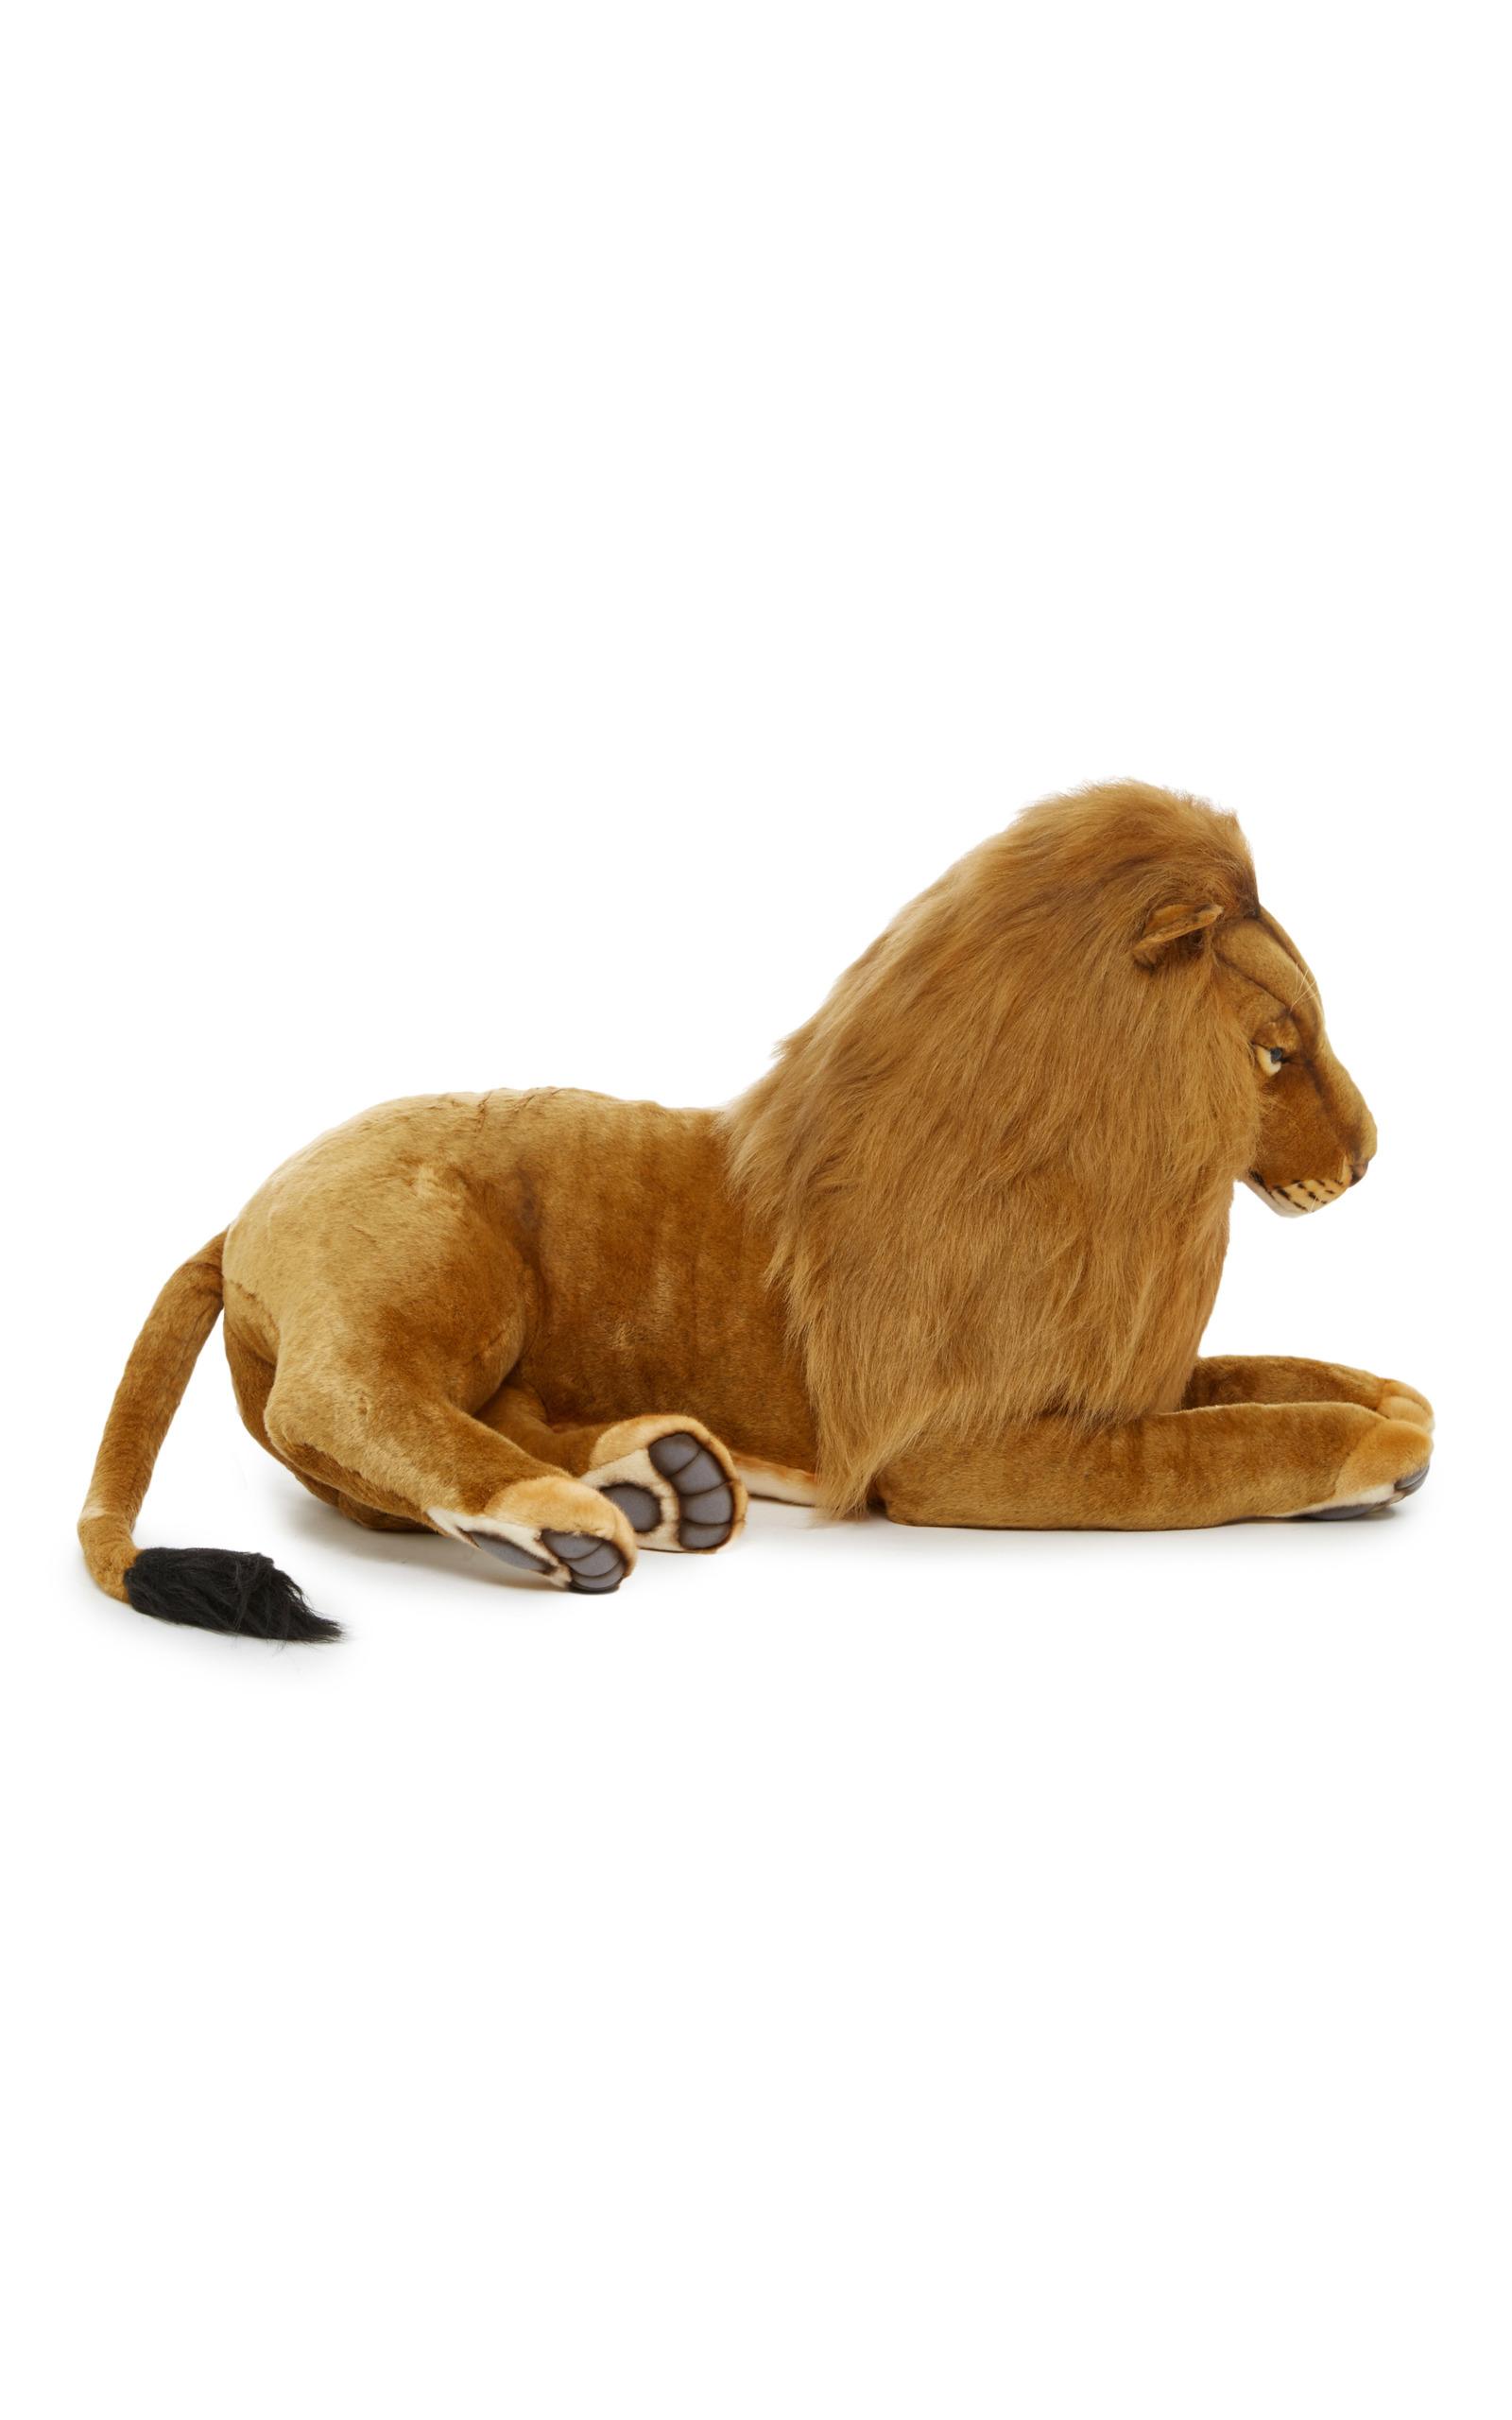 Hansa Stuffed Animals Mountain Lion